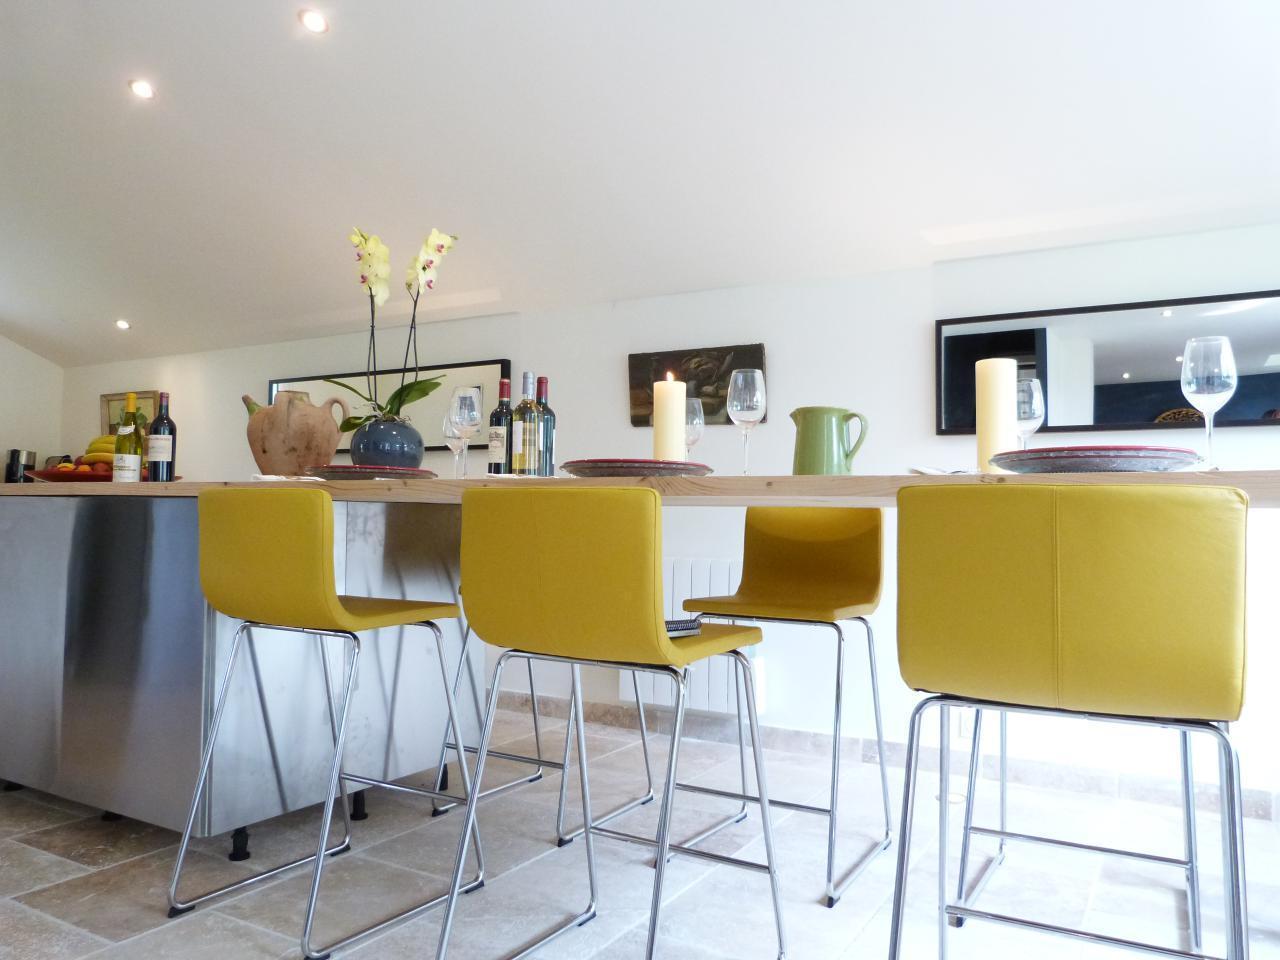 Maison de vacances Exklusives Landhaus mit Top-Küche, beheizter Pool, Naturgarten, unweit von St. Emilion, Bo (1040506), Martillac, Gironde, Aquitaine, France, image 11